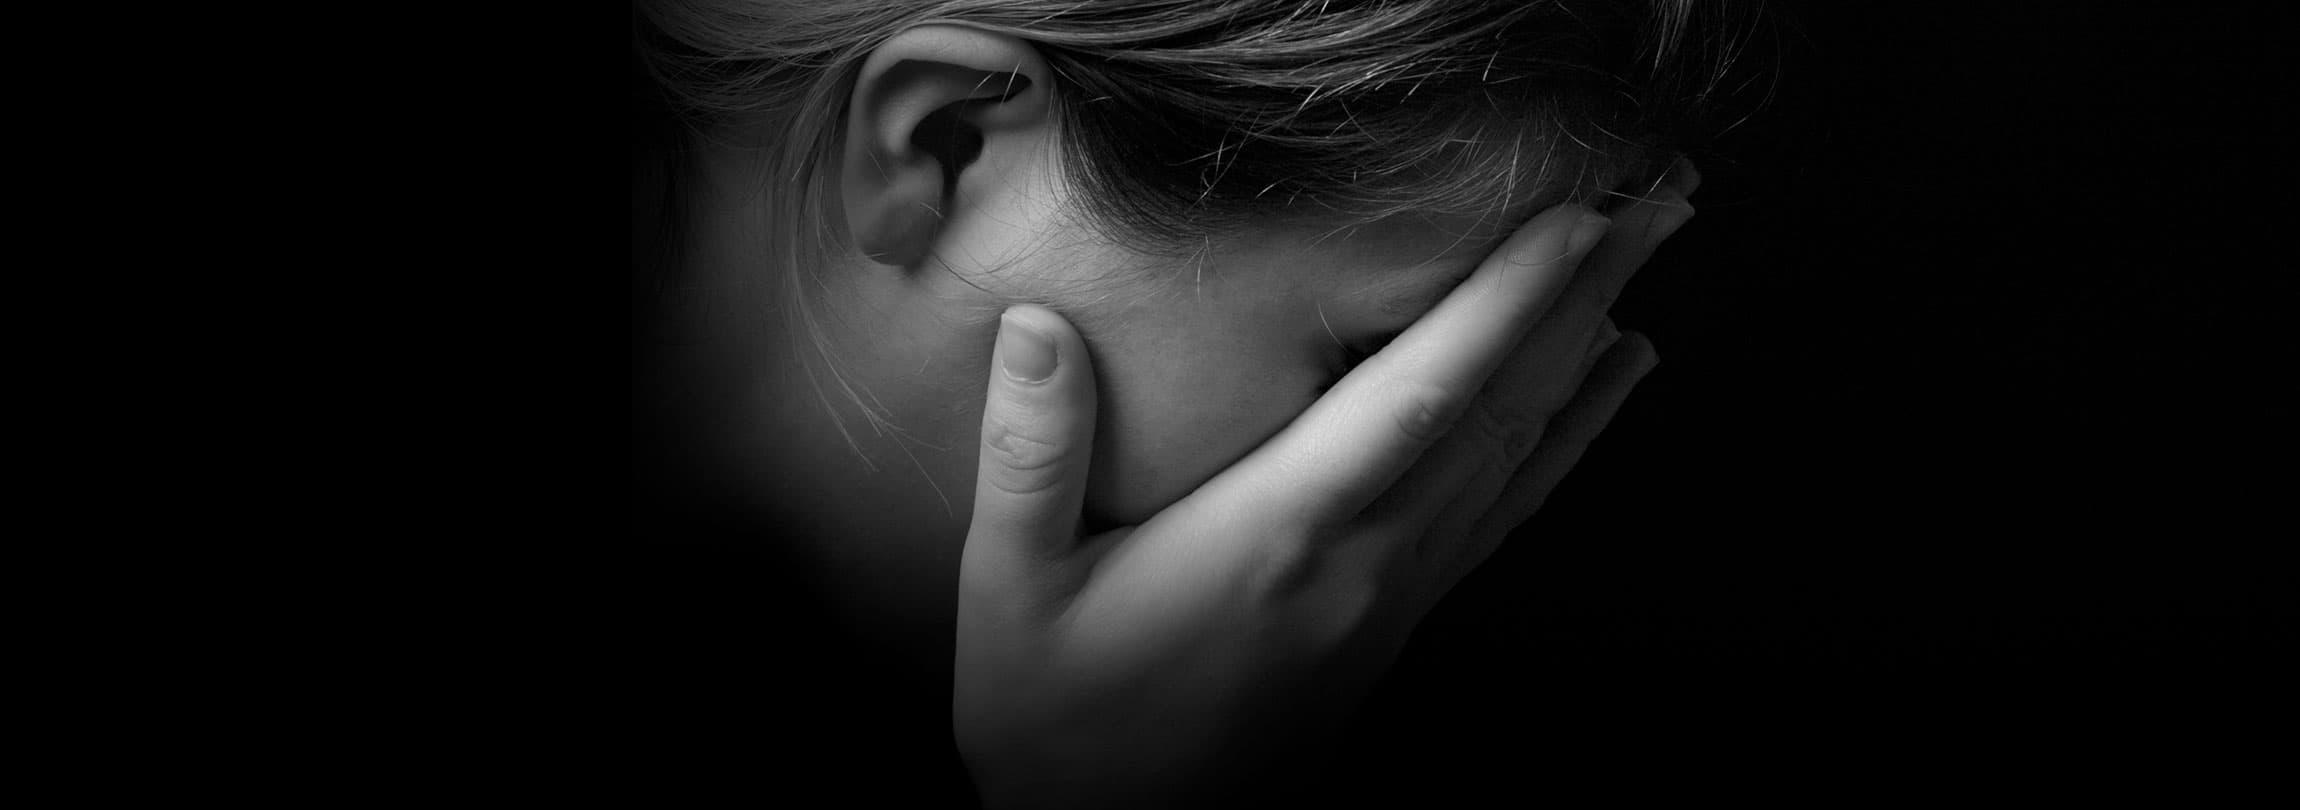 Uma palavra sobre o aborto em casos de estupro